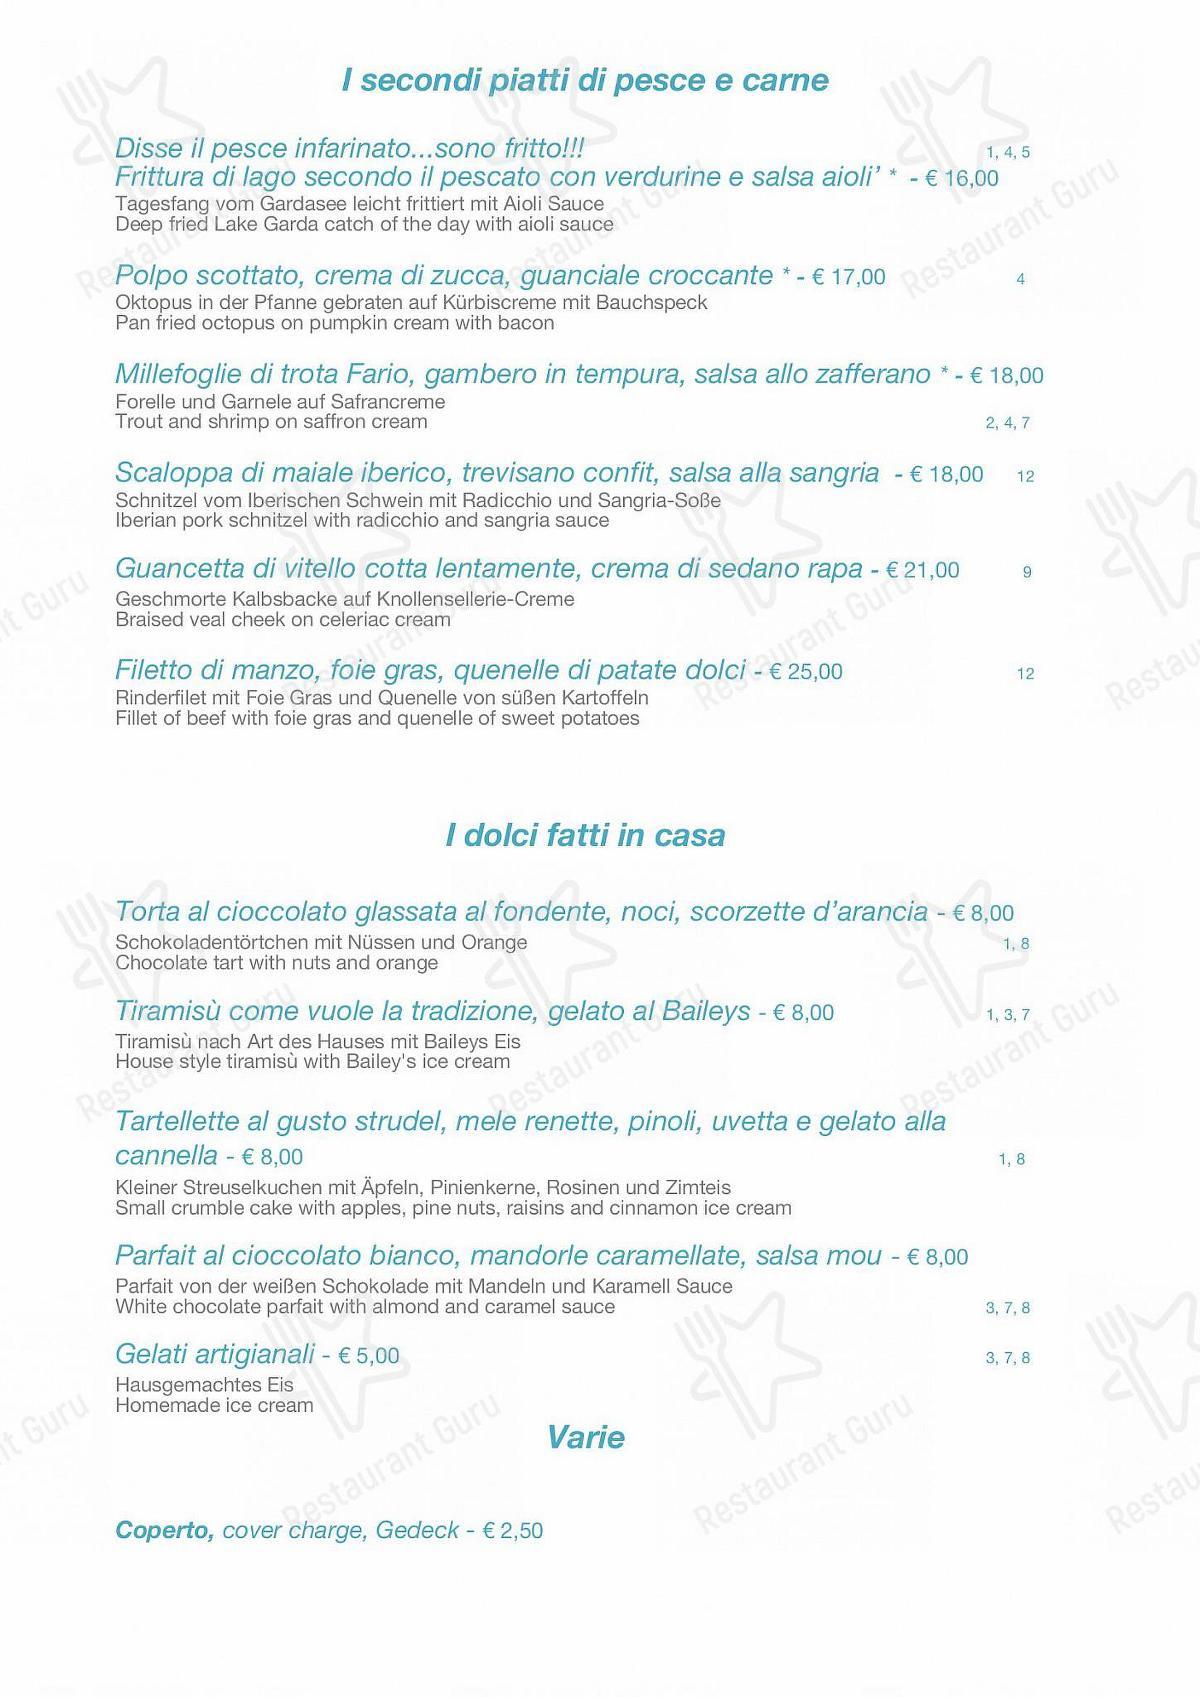 Menu di Ristorante La Darsena - piatti e bevande